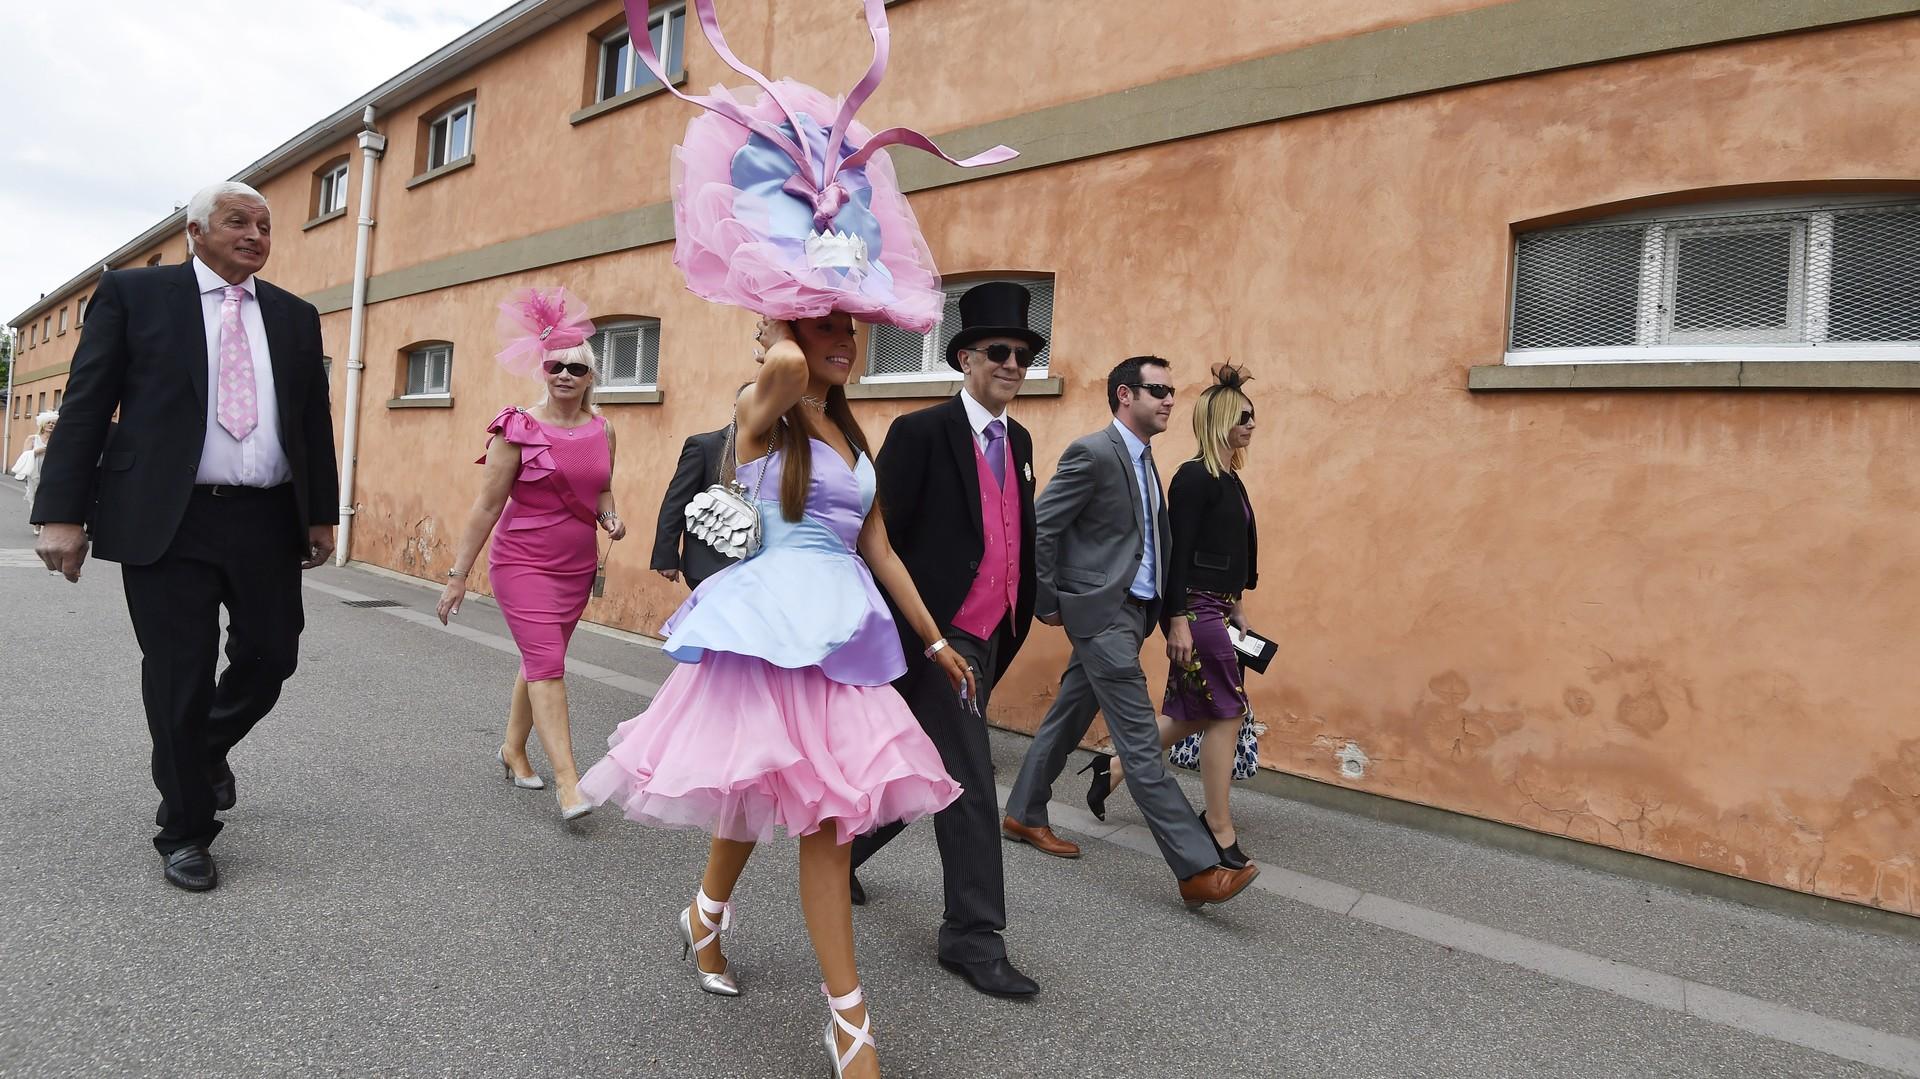 Des spectateurs arrivent dans une ville d'Ascot